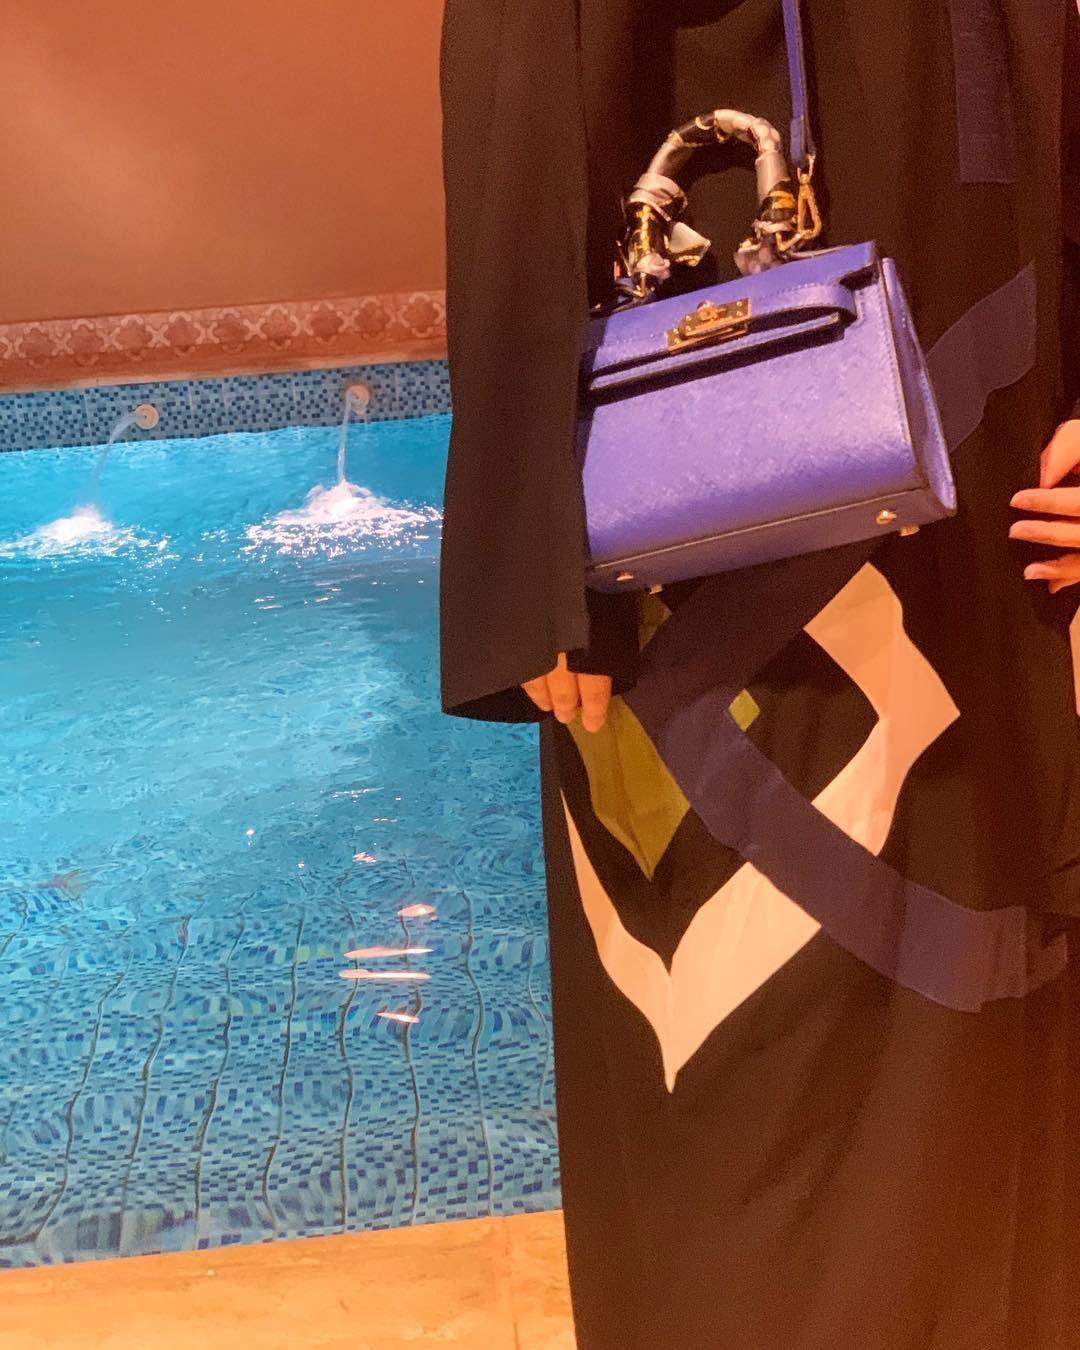 خروج نهائي مرحلخروج نهائي والكفيل متوفيخروج نهائي للسائقخروج نهائي للبيعخروج نهائي بالانجليزيخروج نهائ Louis Vuitton Twist Bag Louis Vuitton Twist Shoulder Bag